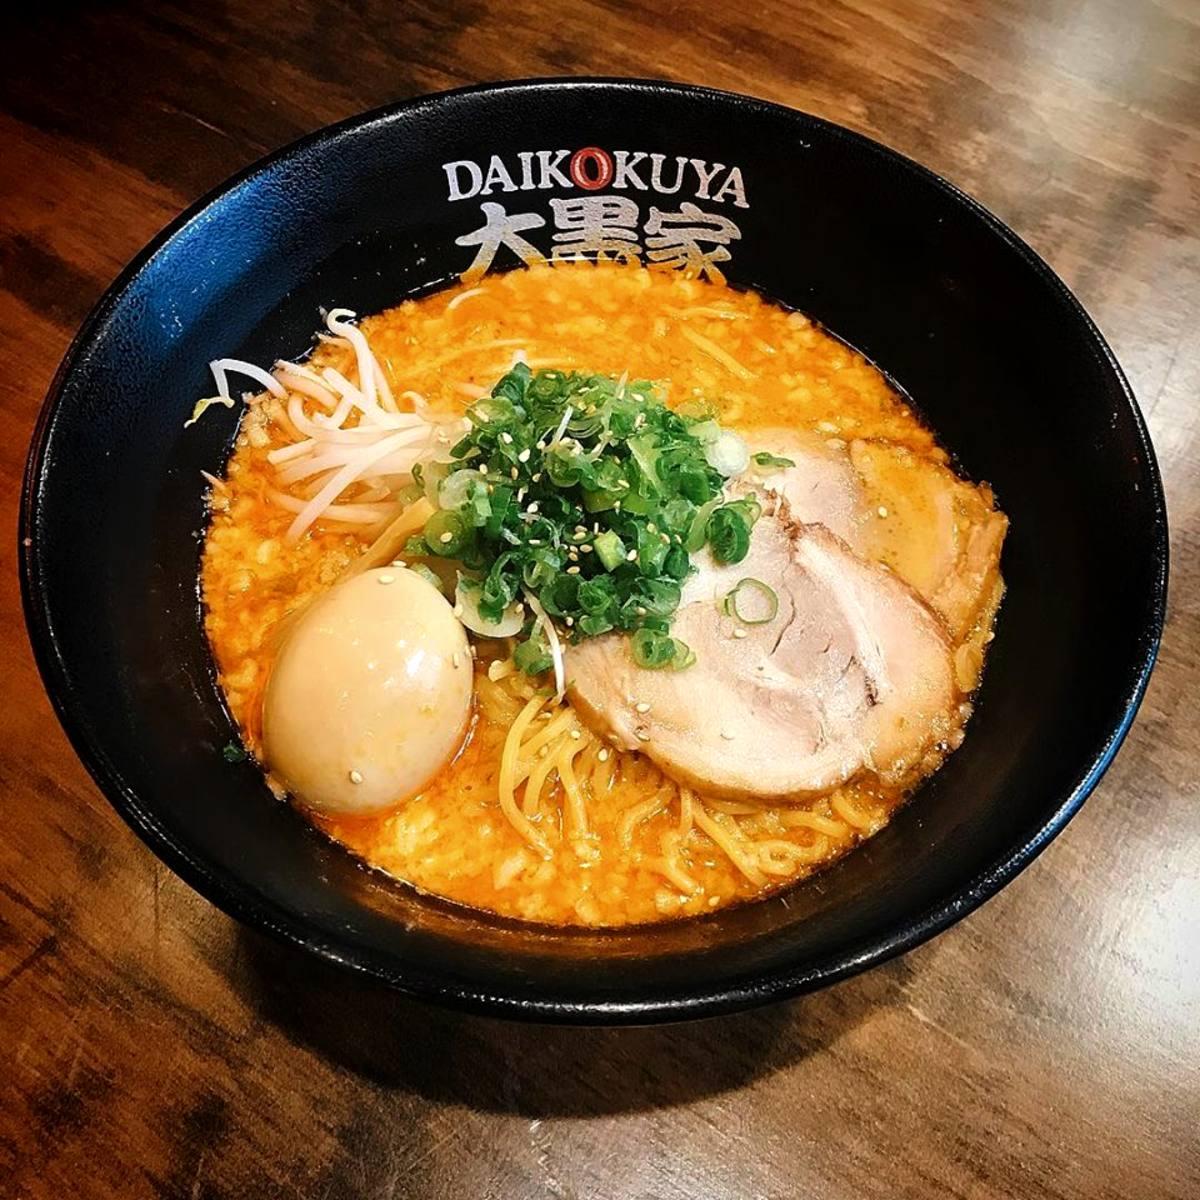 Daikokuya Little Tokyo Spicy Miso Ramen